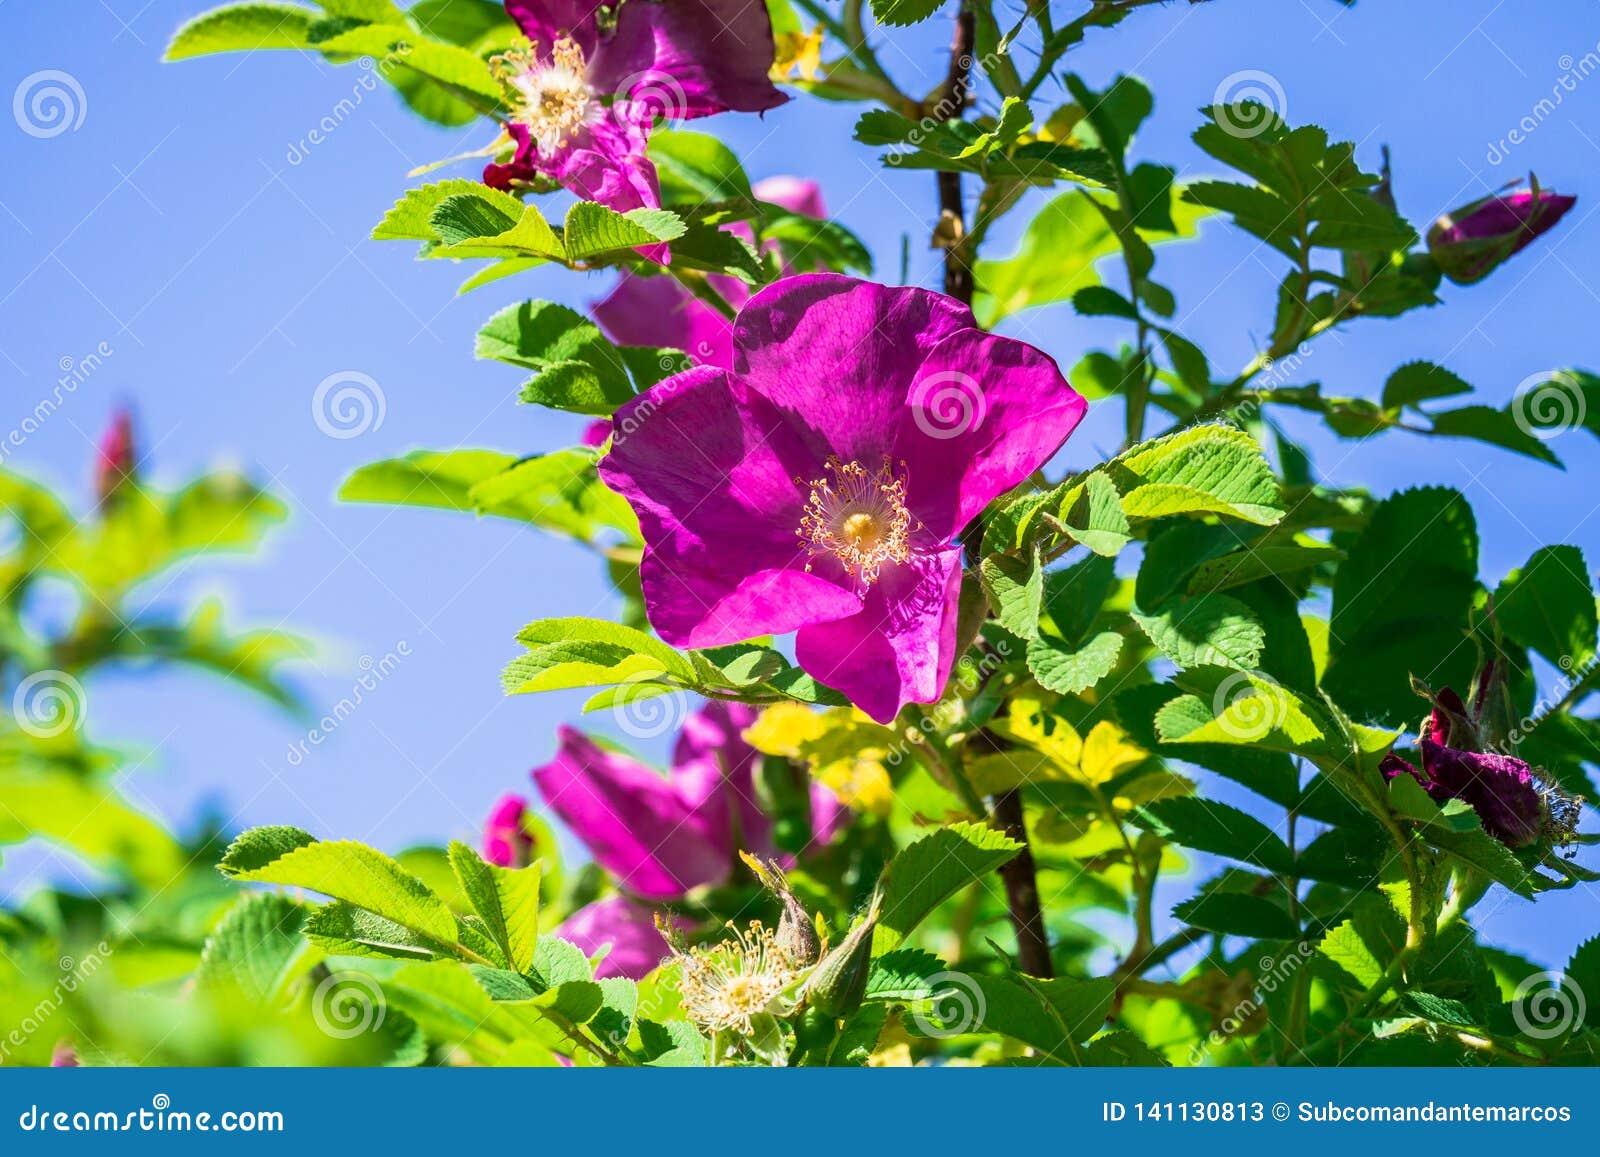 Часть сочного кустарника плода шиповника, богато обитая с розовыми цветками под золотым солнечным светом Влюбленность, счастье, w